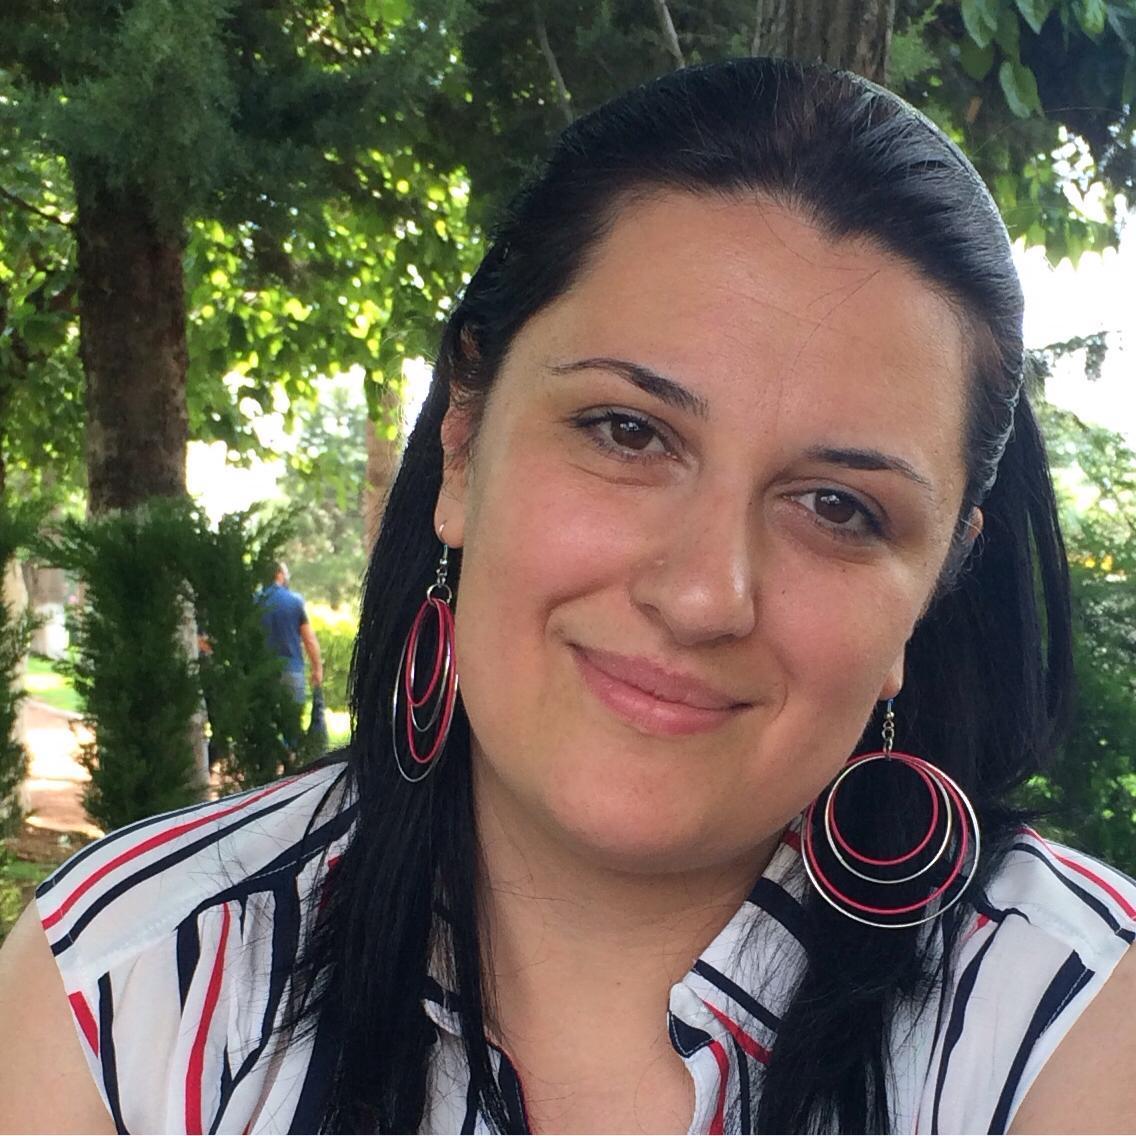 Die Journalistin Yasmine Merei